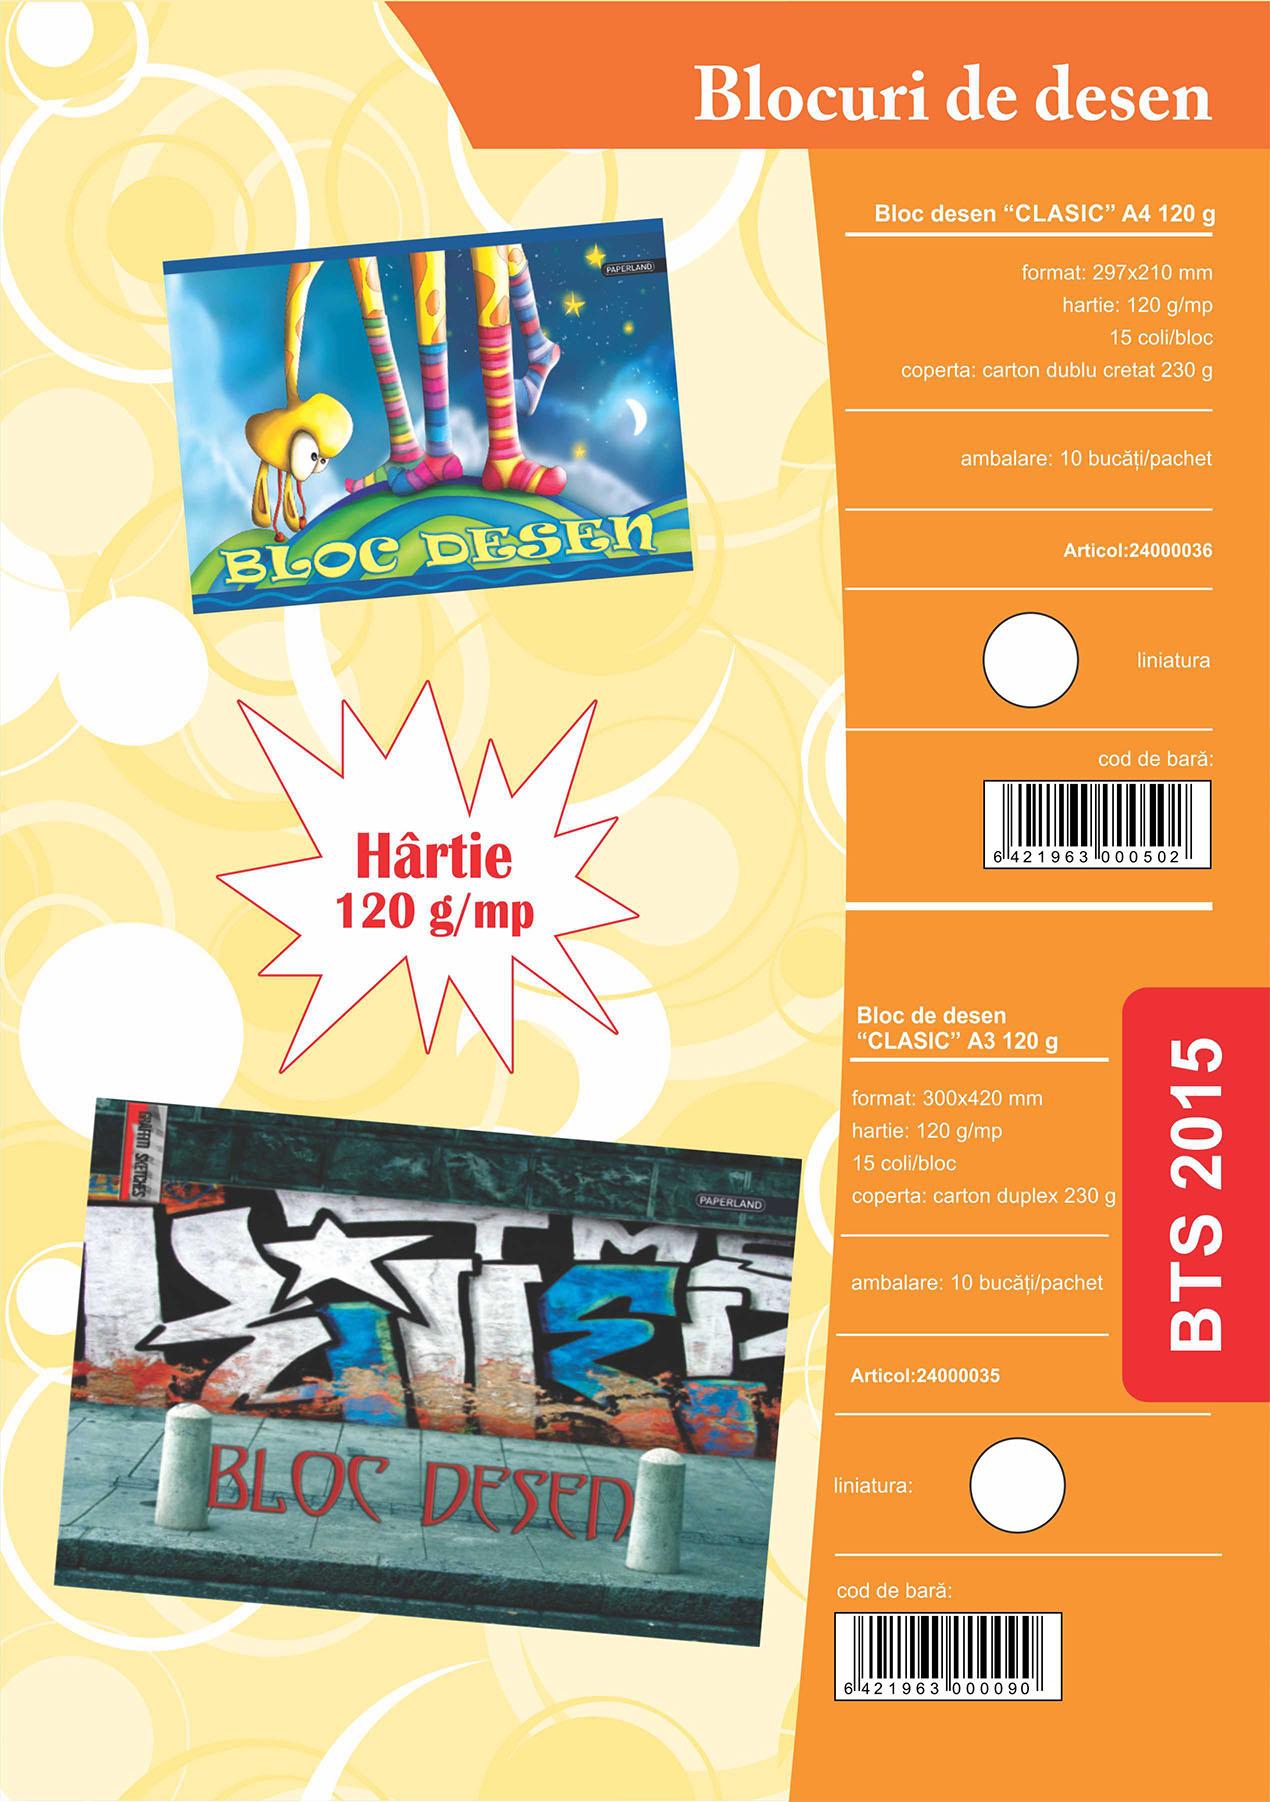 Blocuri de desen A4 15 file 120 g Image